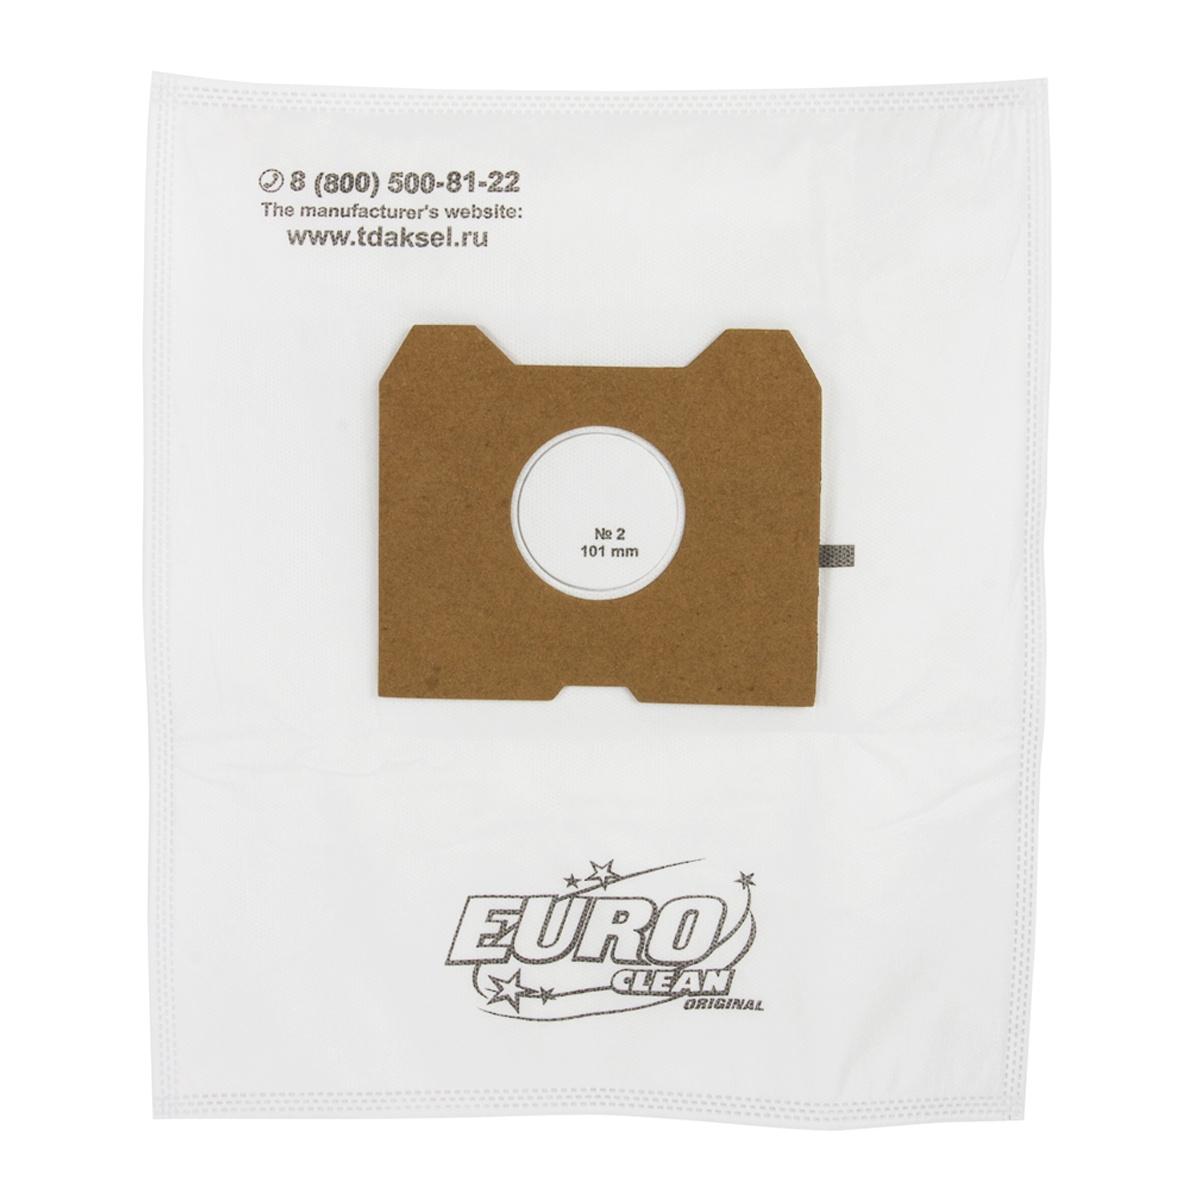 Пылесборник EUROCLEAN 18201 пылесборник для сухой уборки euro clean e 08